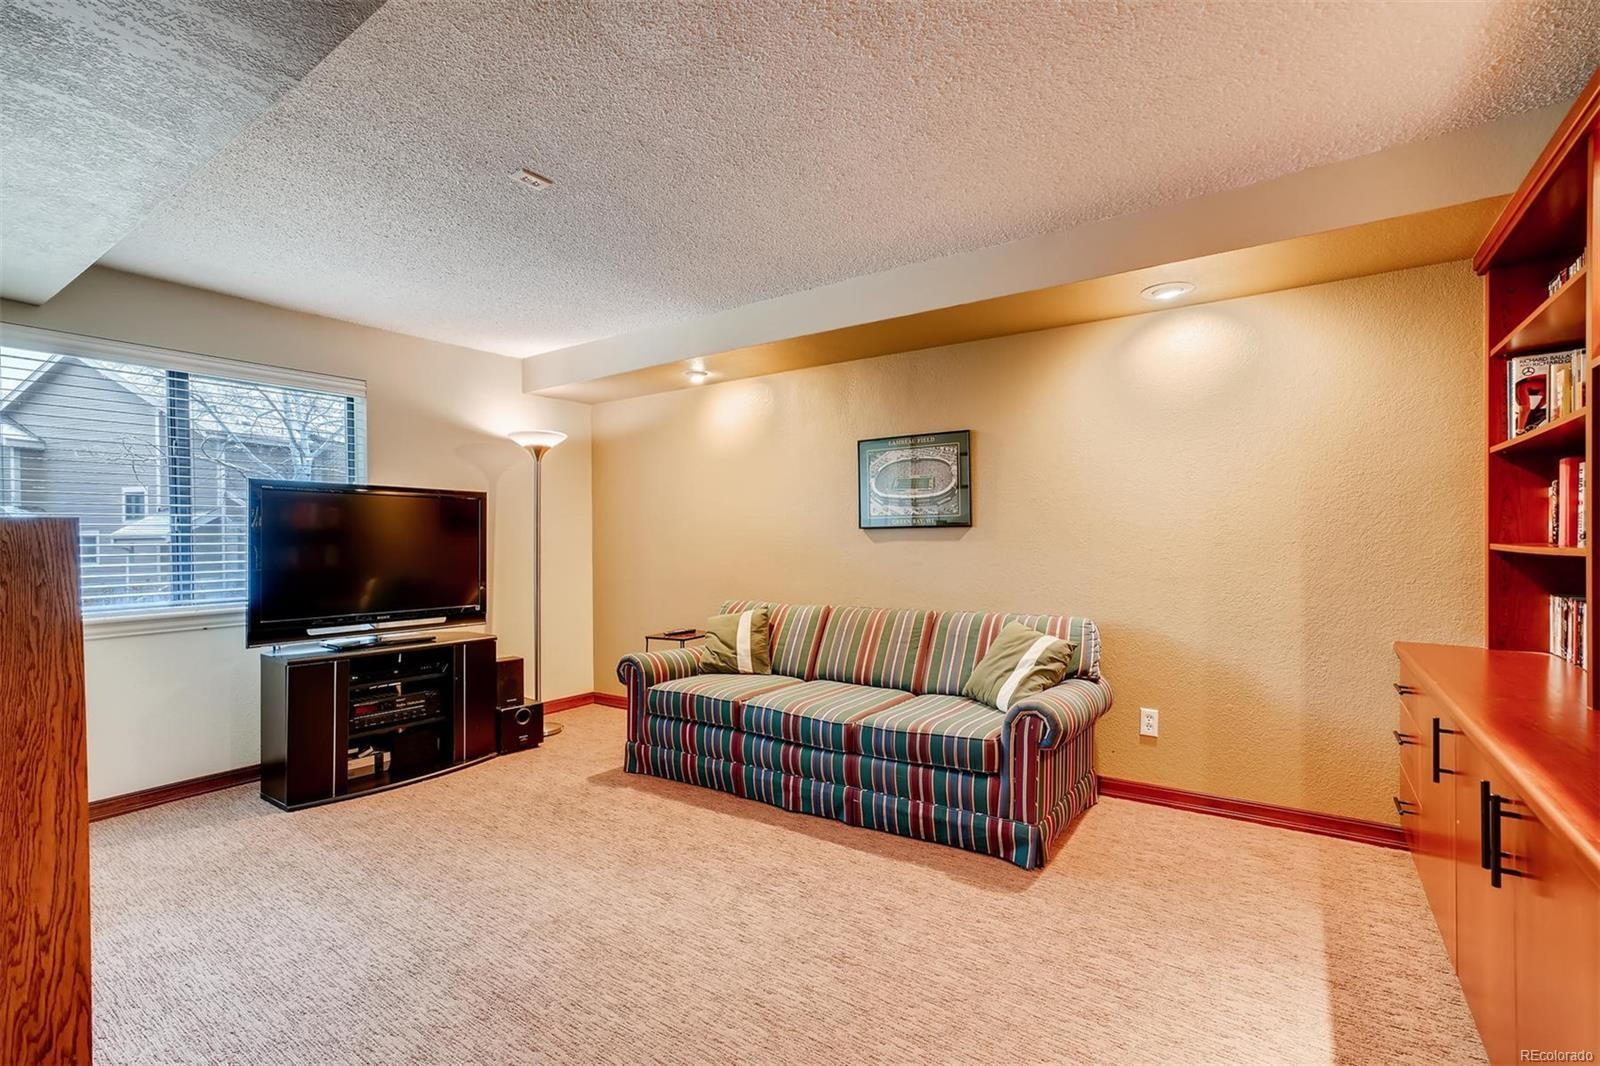 MLS# 8721430 - 19 - 1737 S Deframe Street, Lakewood, CO 80228